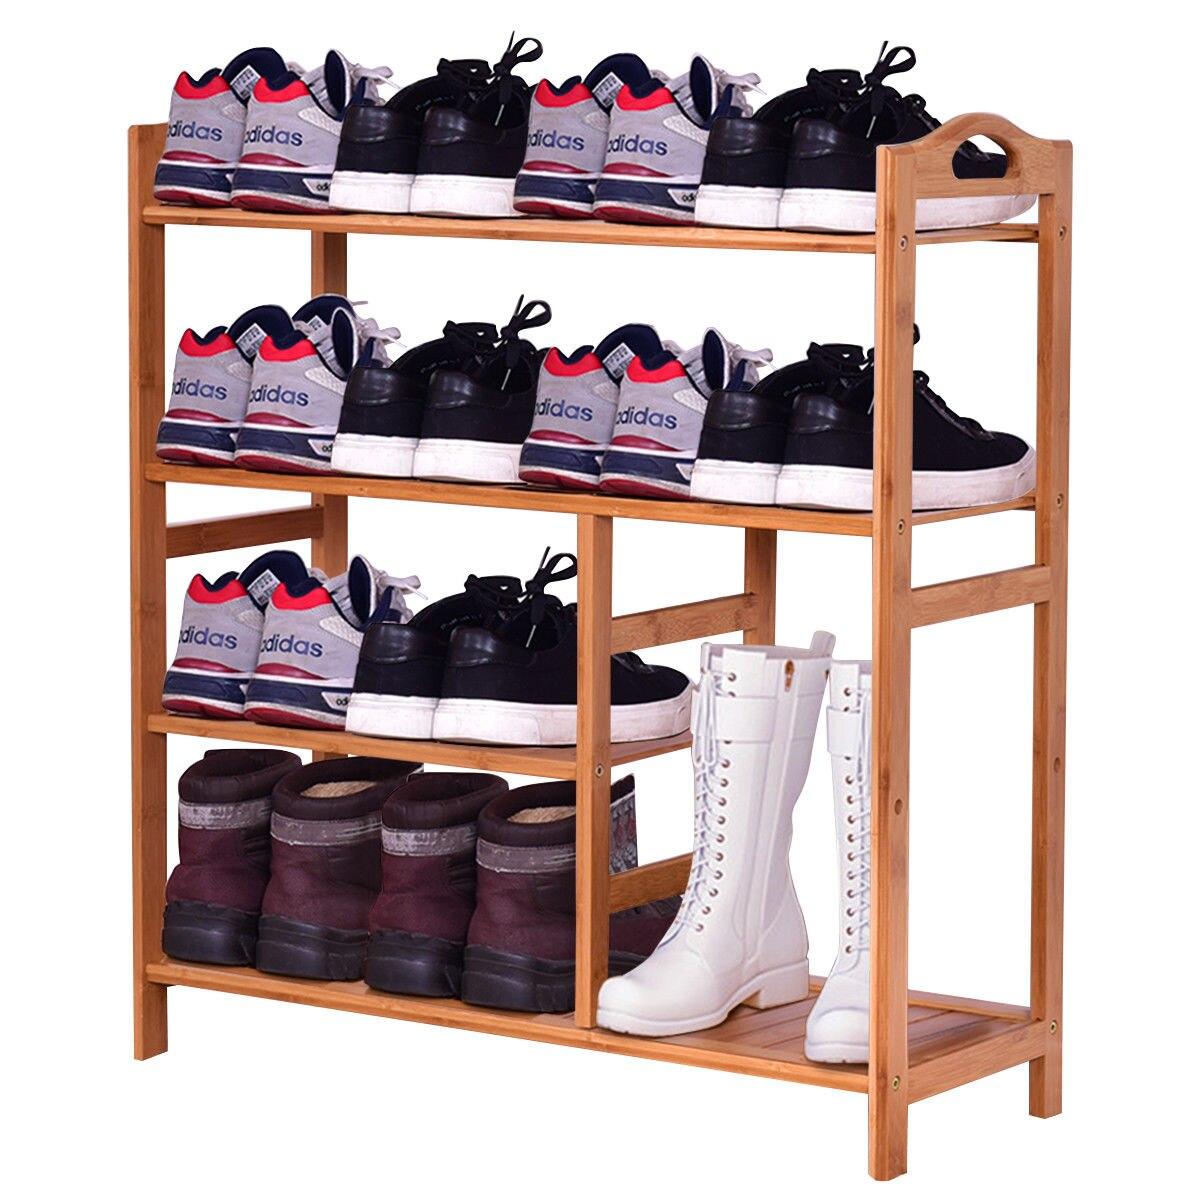 Giantex 4 niveaux multifonction bambou étagère à chaussures botte tour étagère moderne maison chaussures rangement organisateur support HW56488